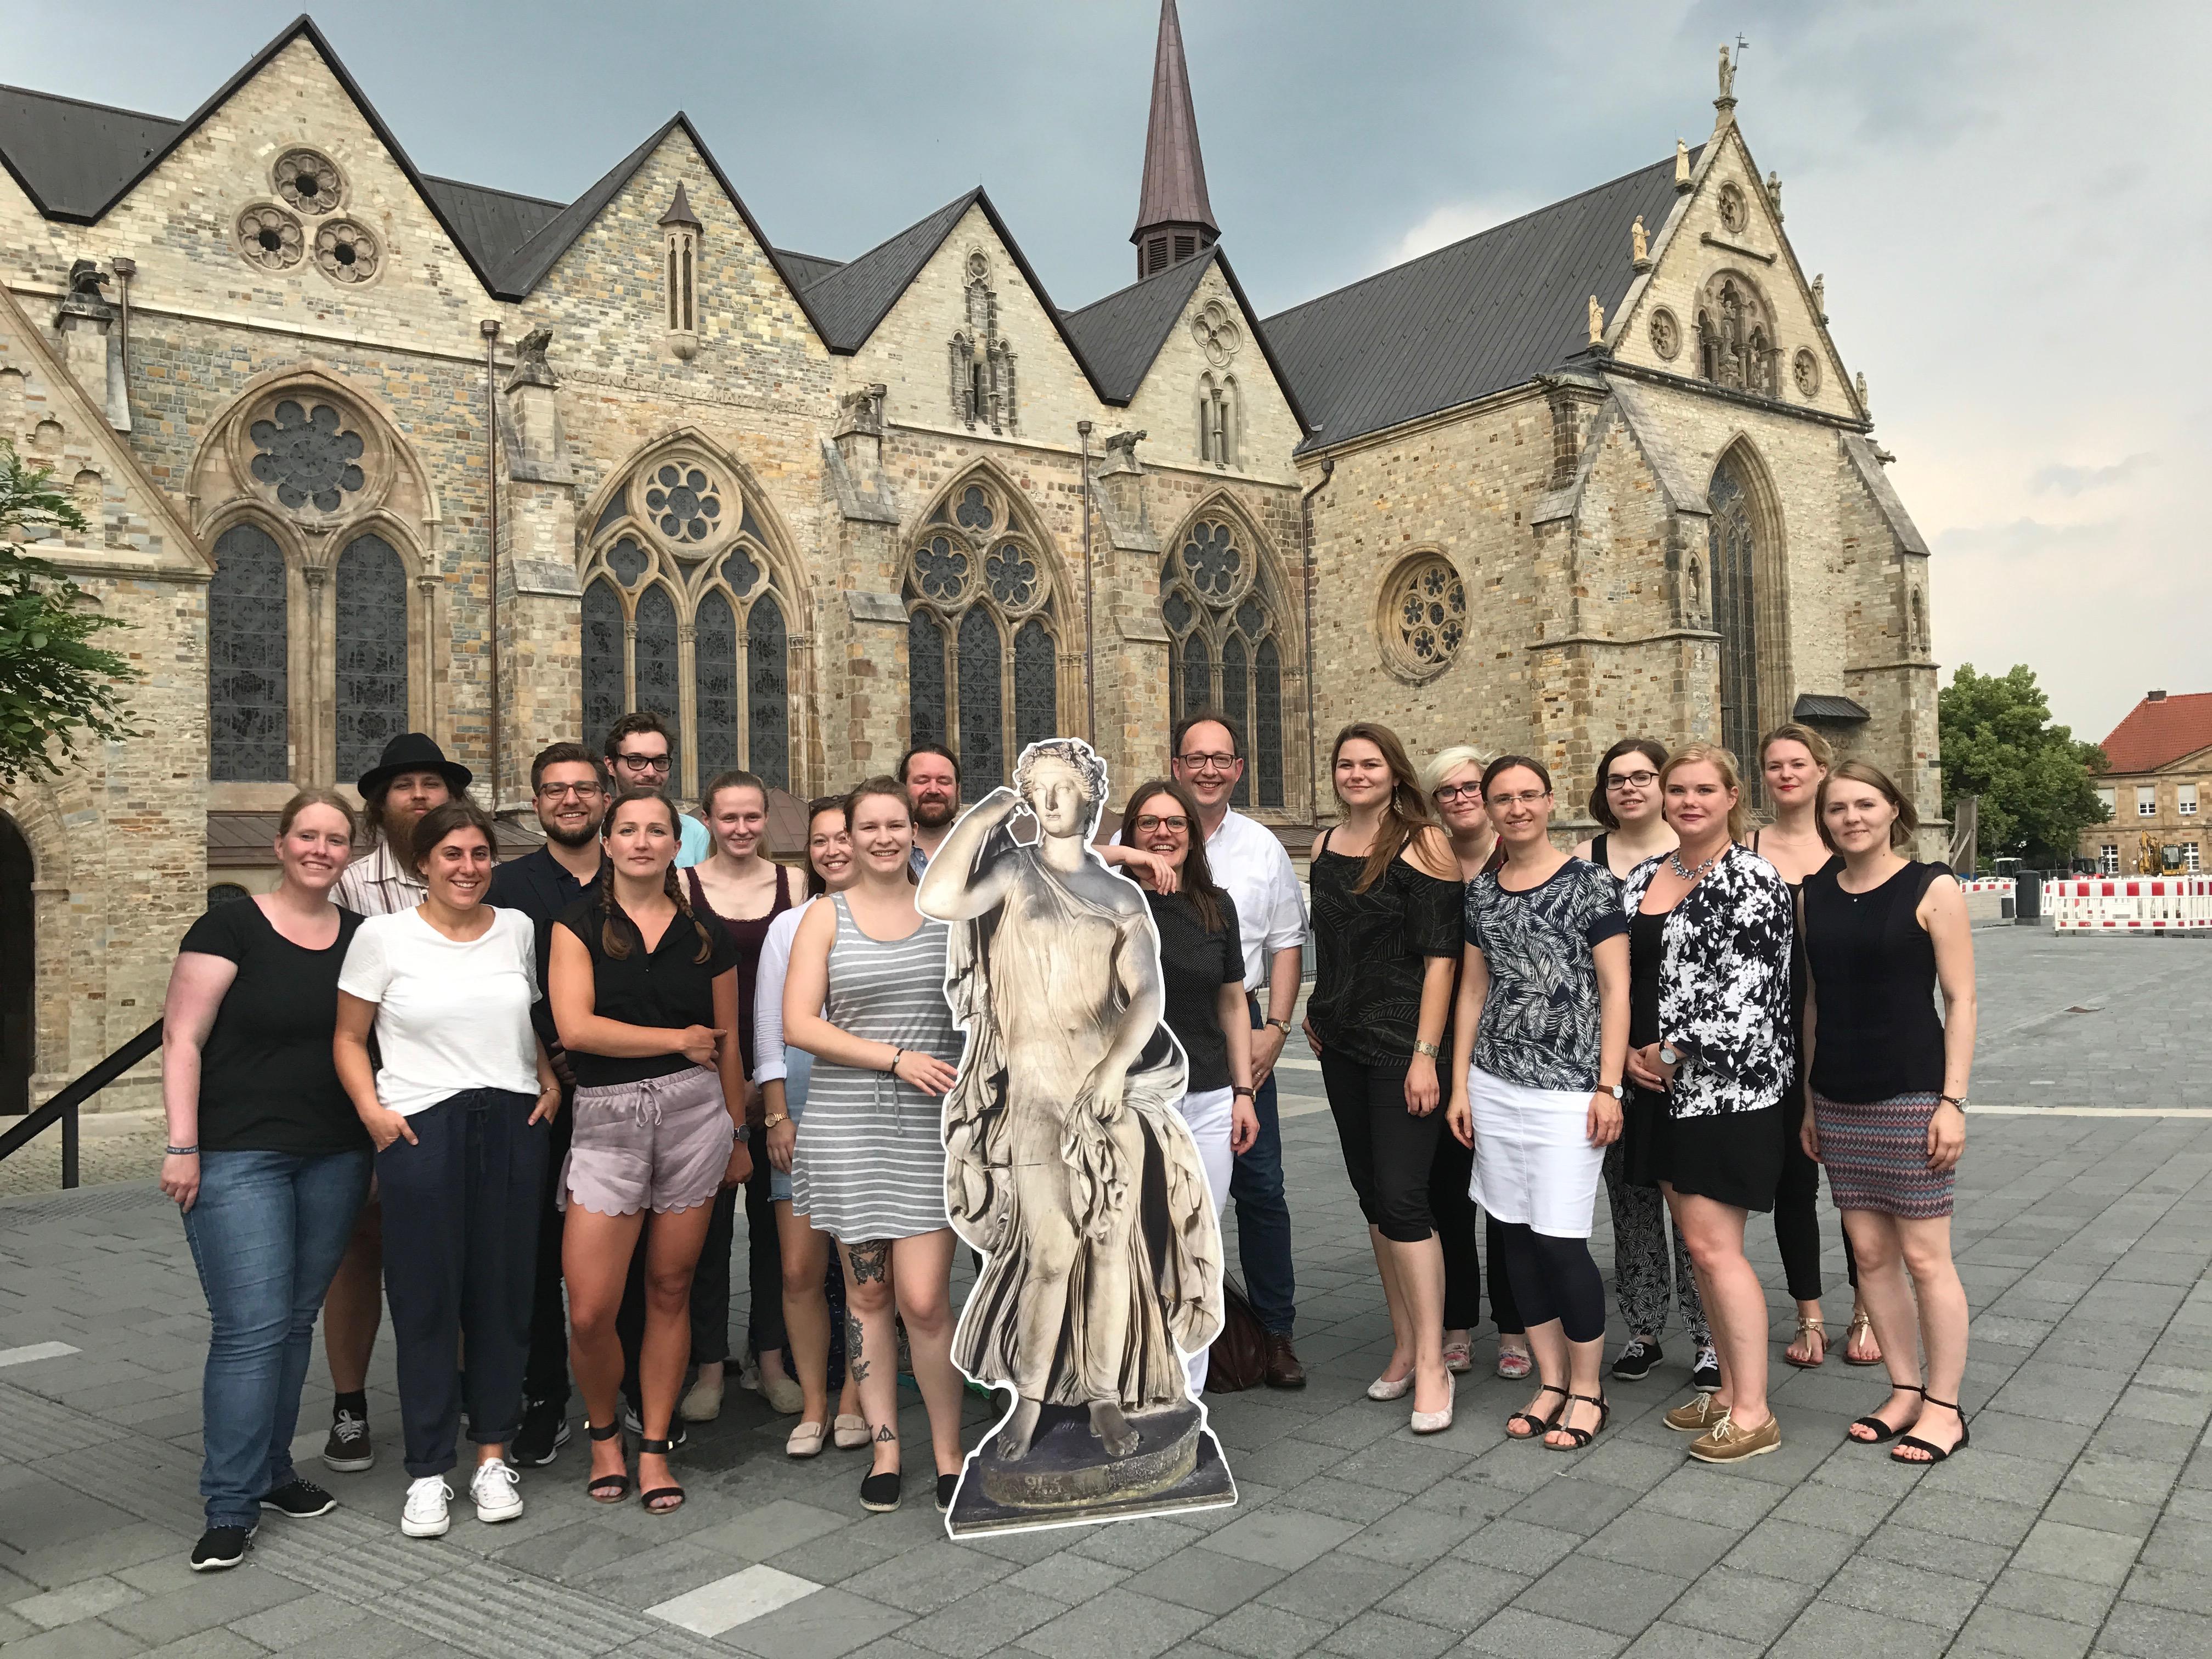 Die Seminargruppe zusammen mit der Ballerina di Goethe. Von der Statue war Goethe besonders fasziniert, sodass er versuchte, sie nach Weimar mitzunehmen. Natürlich ohne Erfolg! Für eine Reise nach Paderborn verließ sie Rom nun erstmals. Foto: Ina Güttler